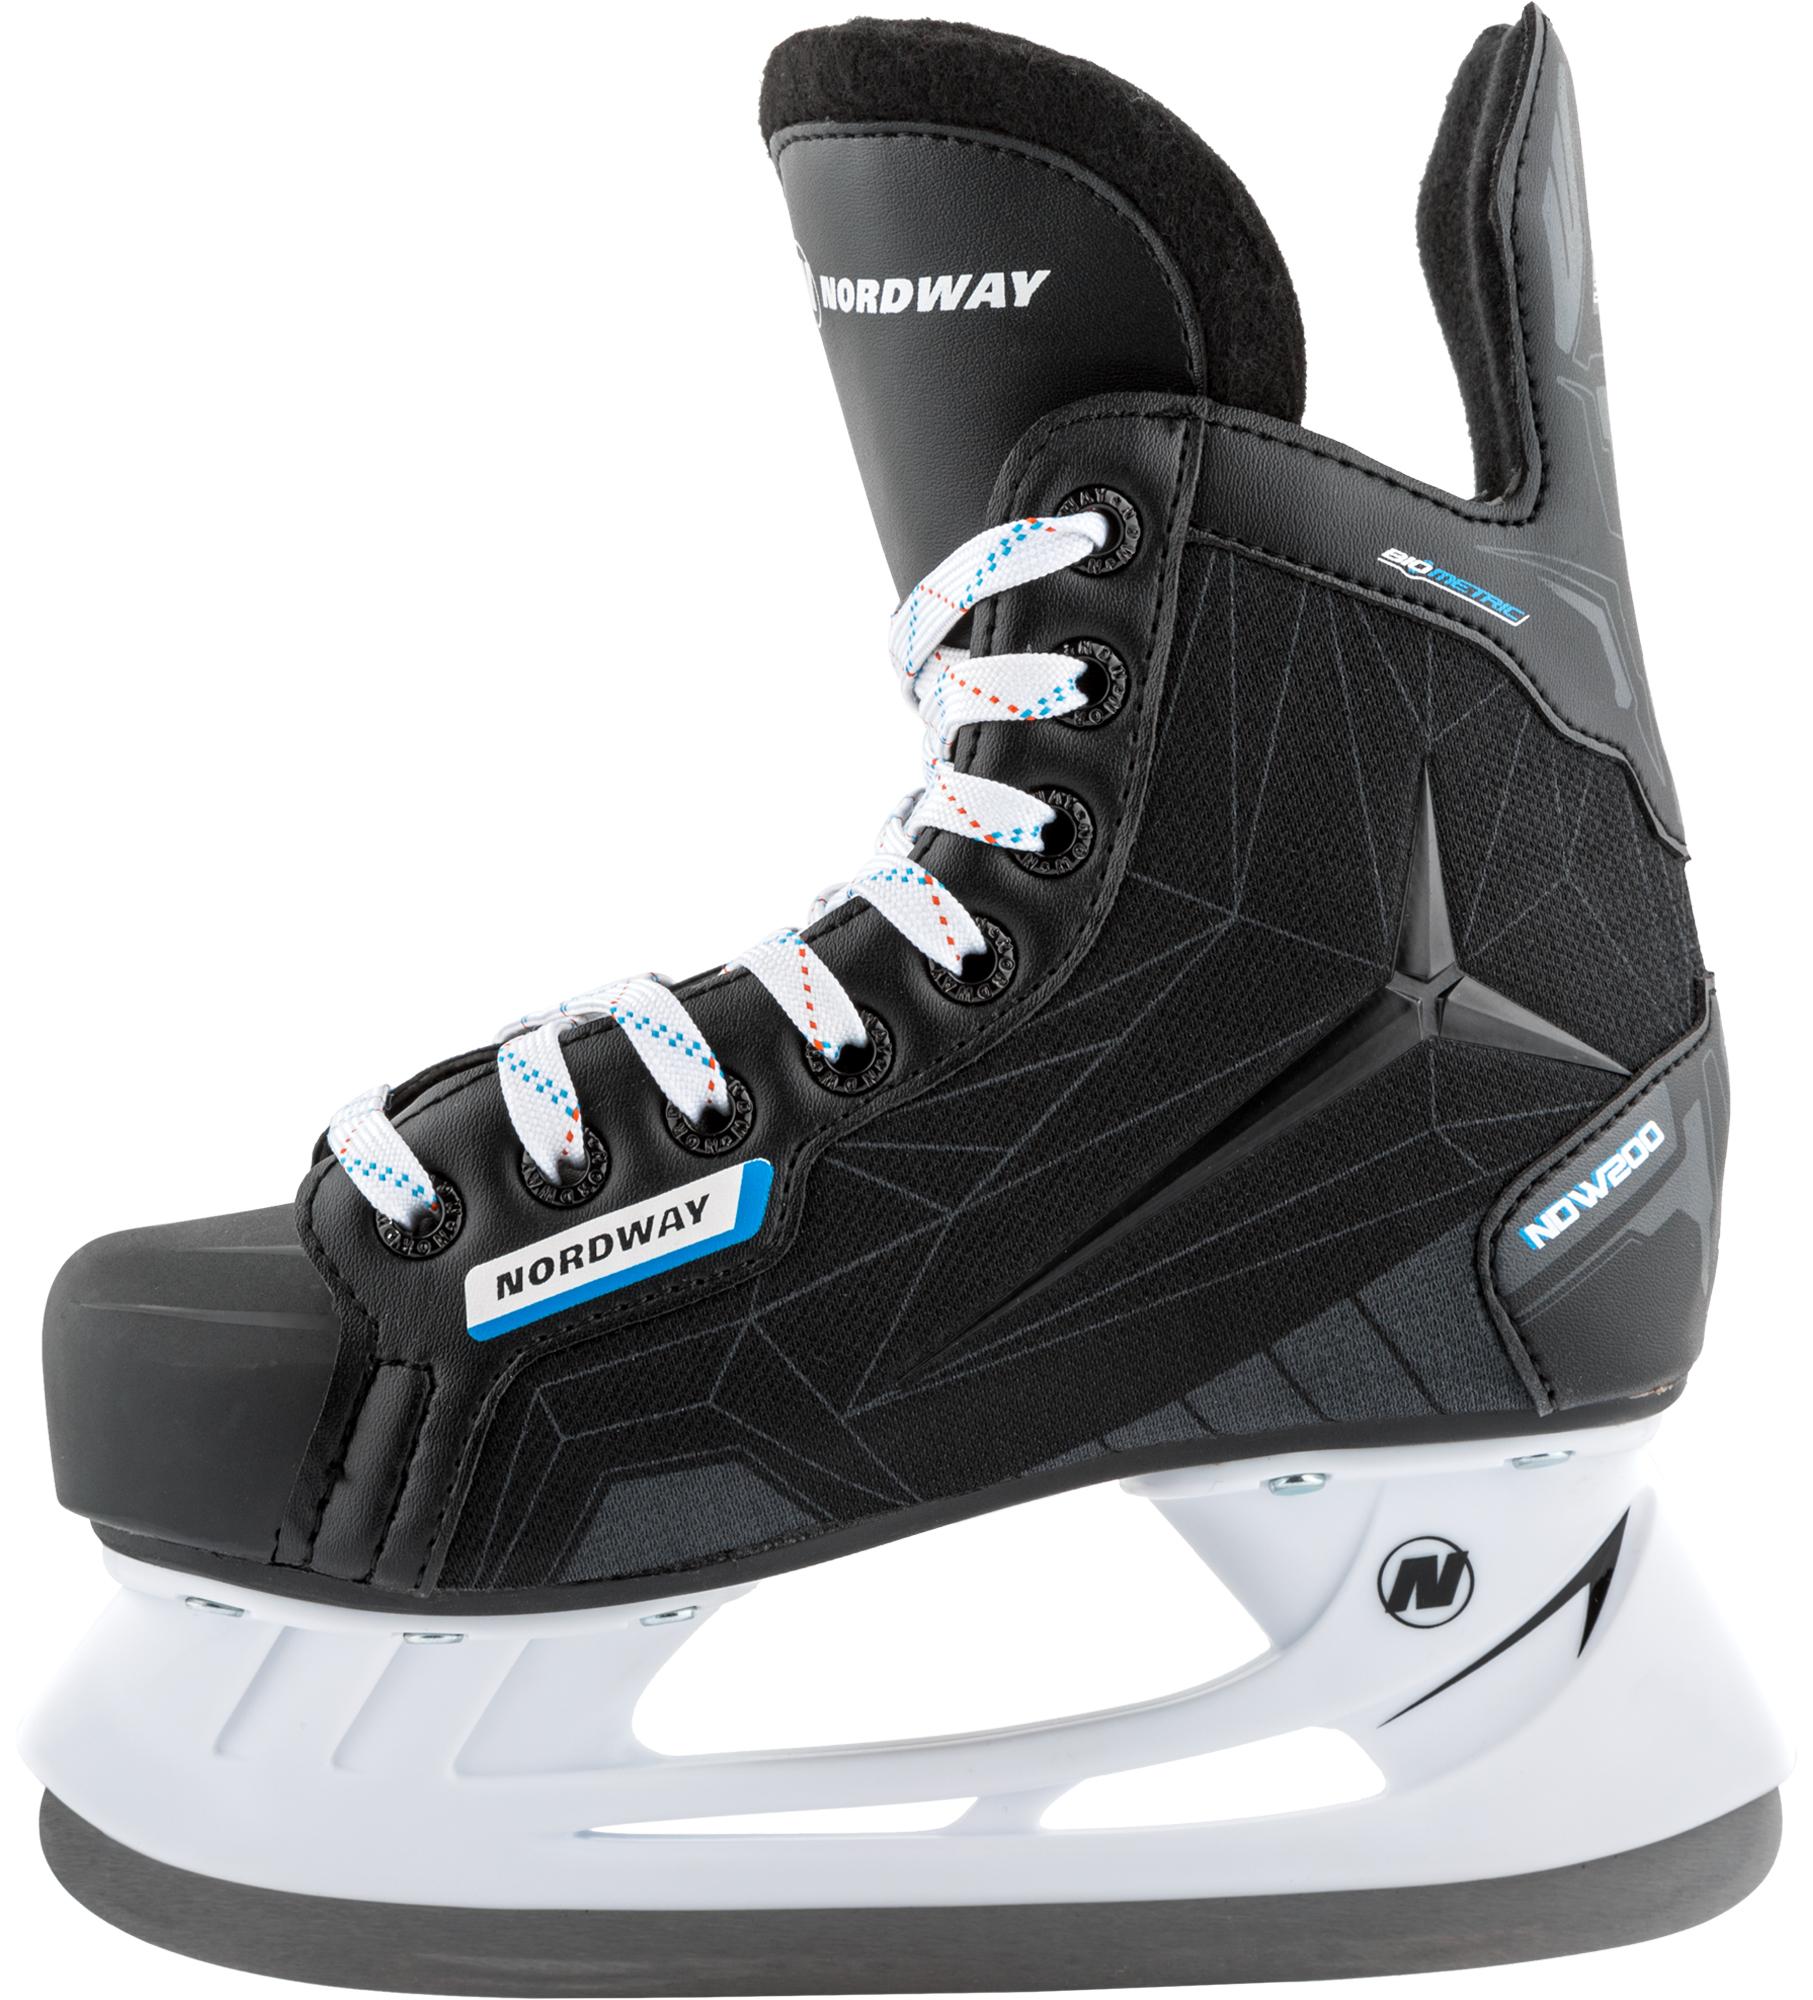 nordway настольный хоккей nordway Nordway Nordway NDW200 (2016, подростковые)